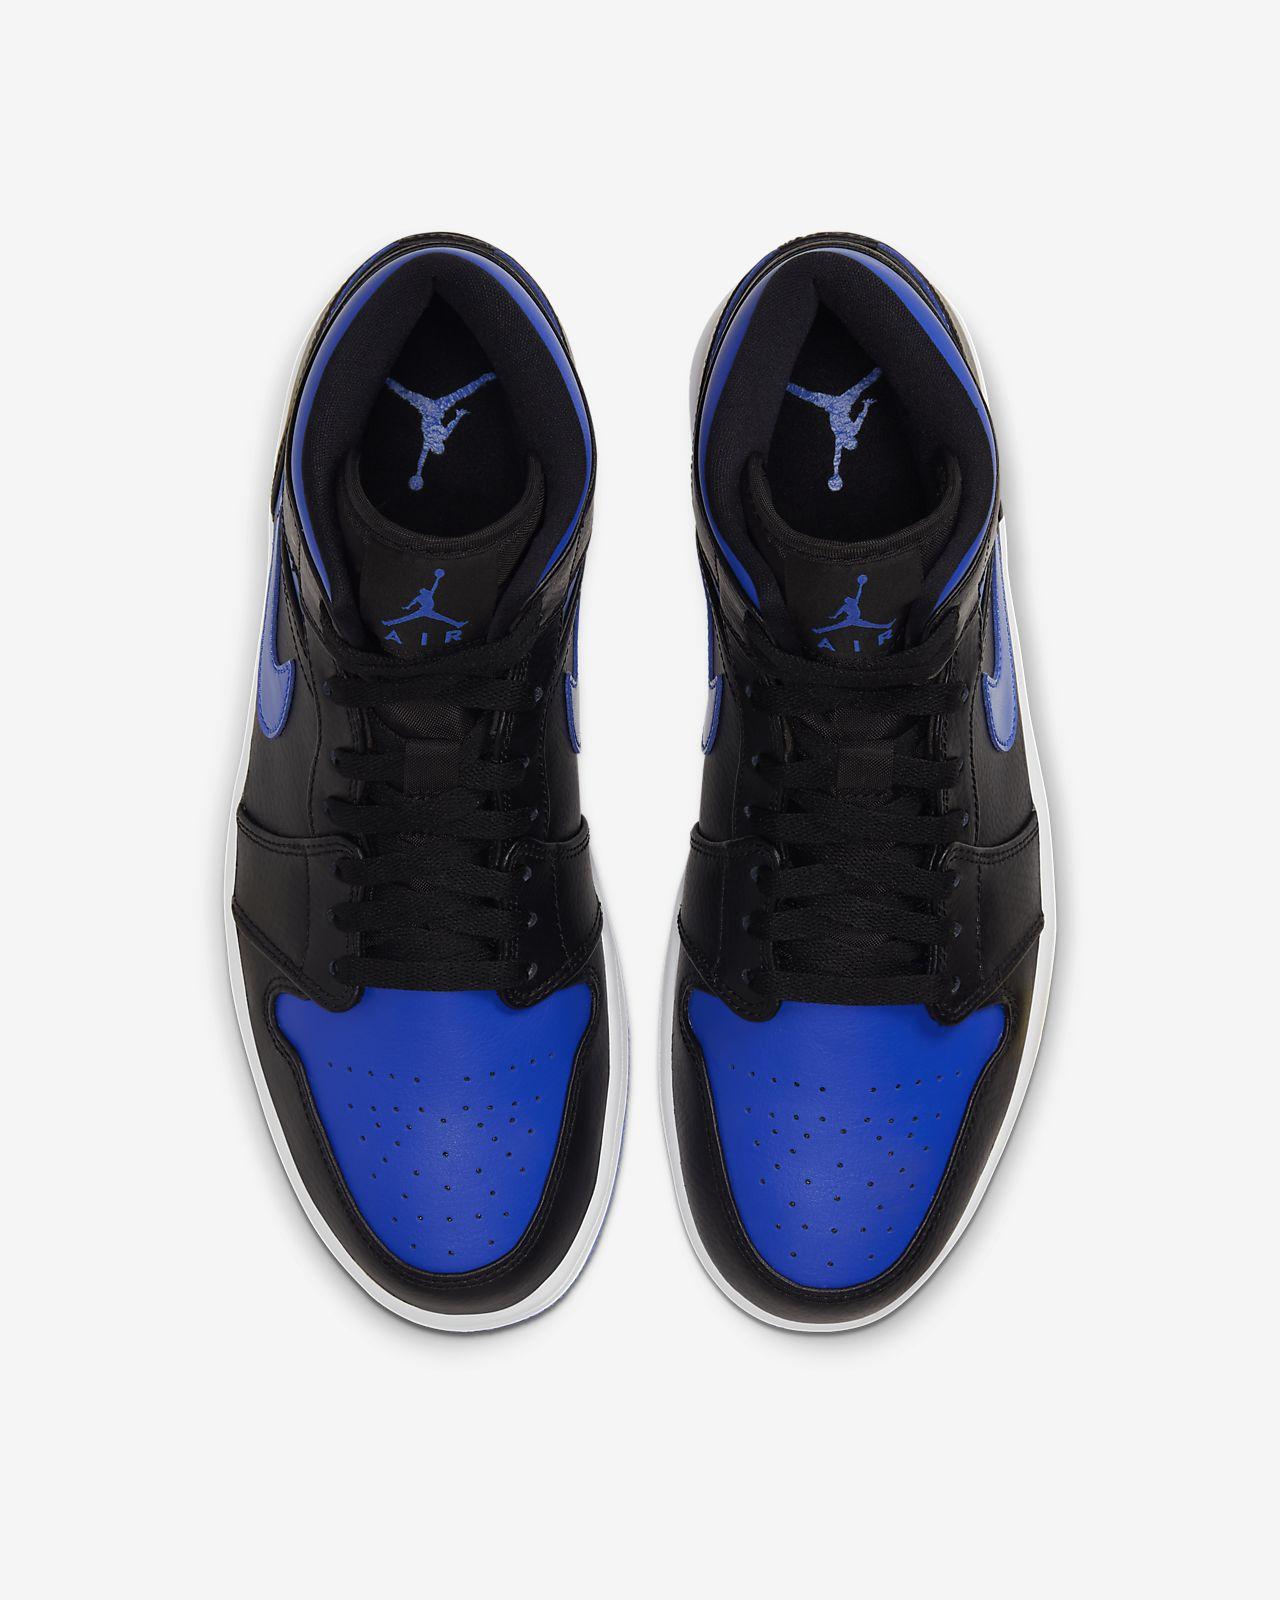 Exklusiv Nike Skor Män SvartVit Air Jordan 1 Retro Low OG